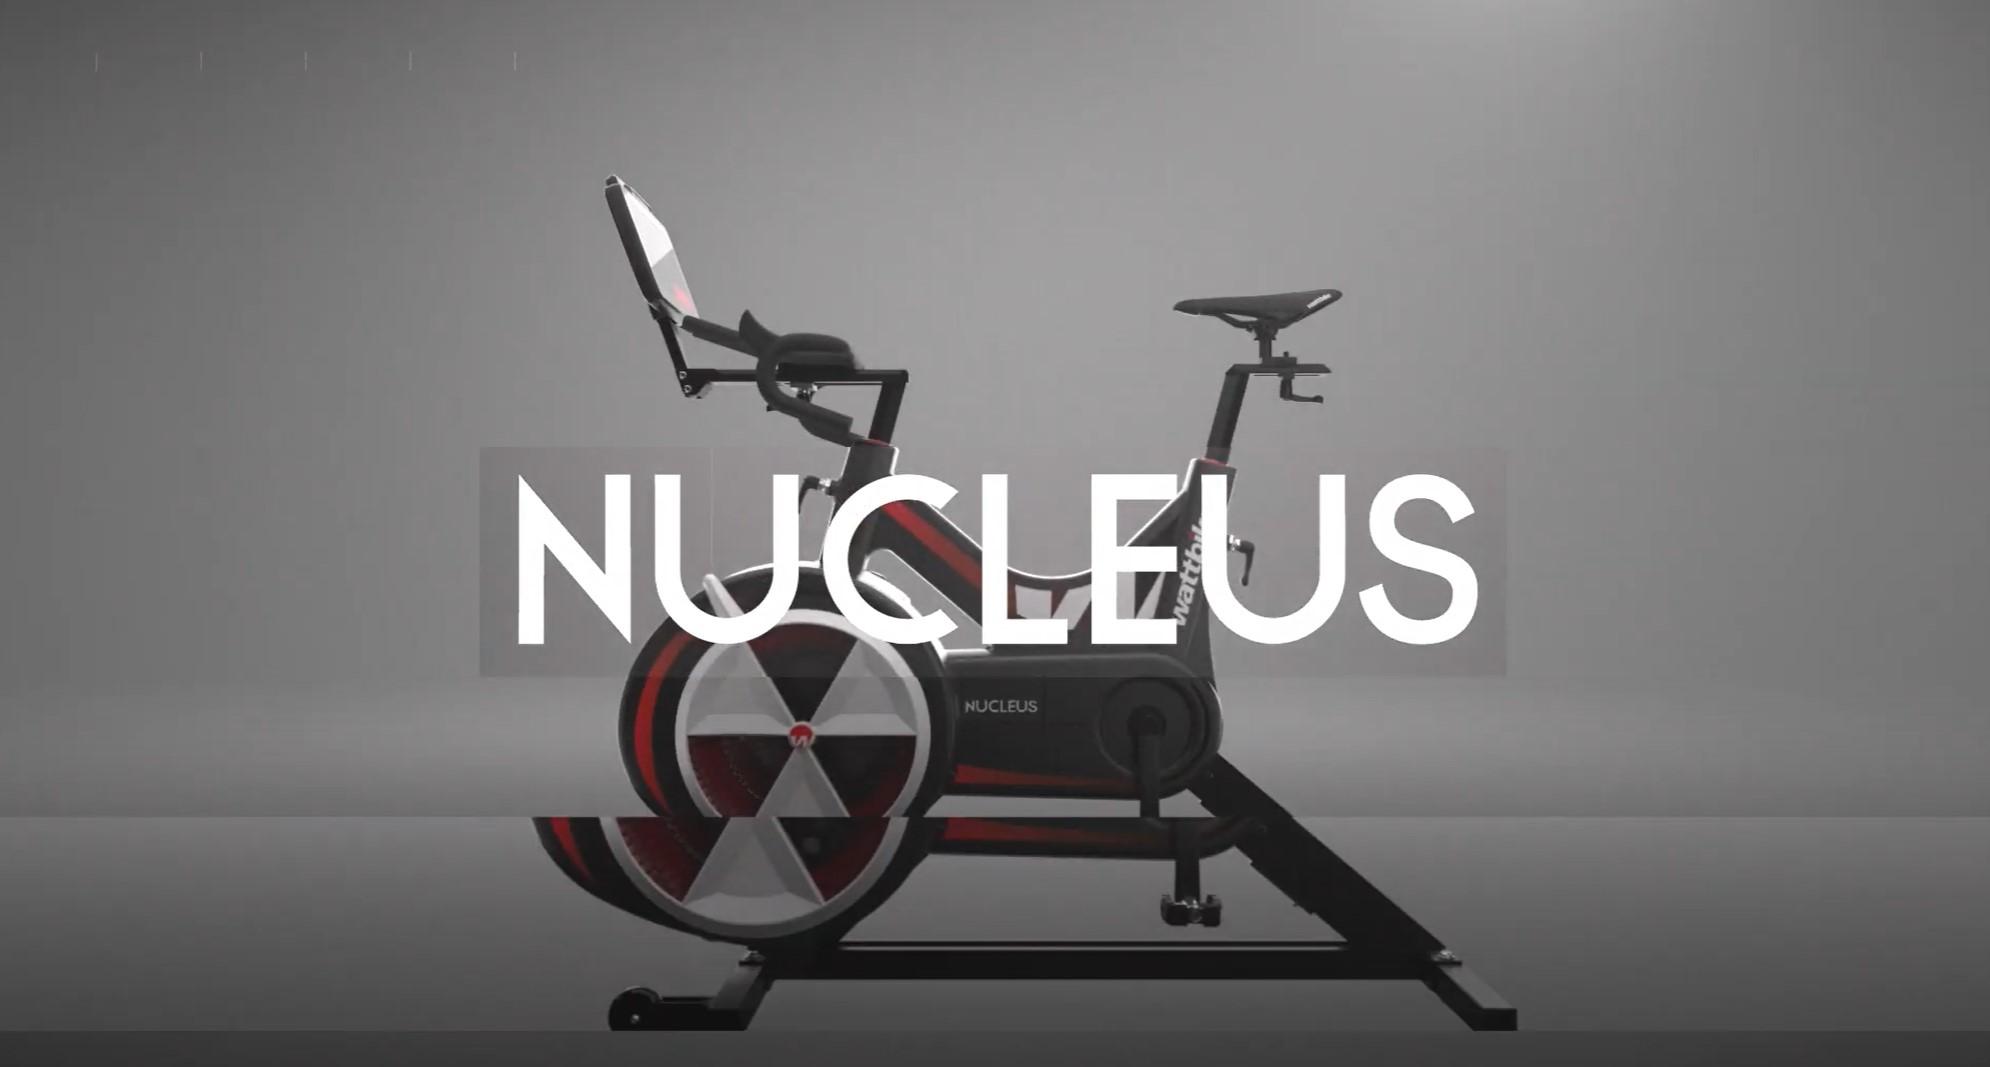 NUCLEUS 1